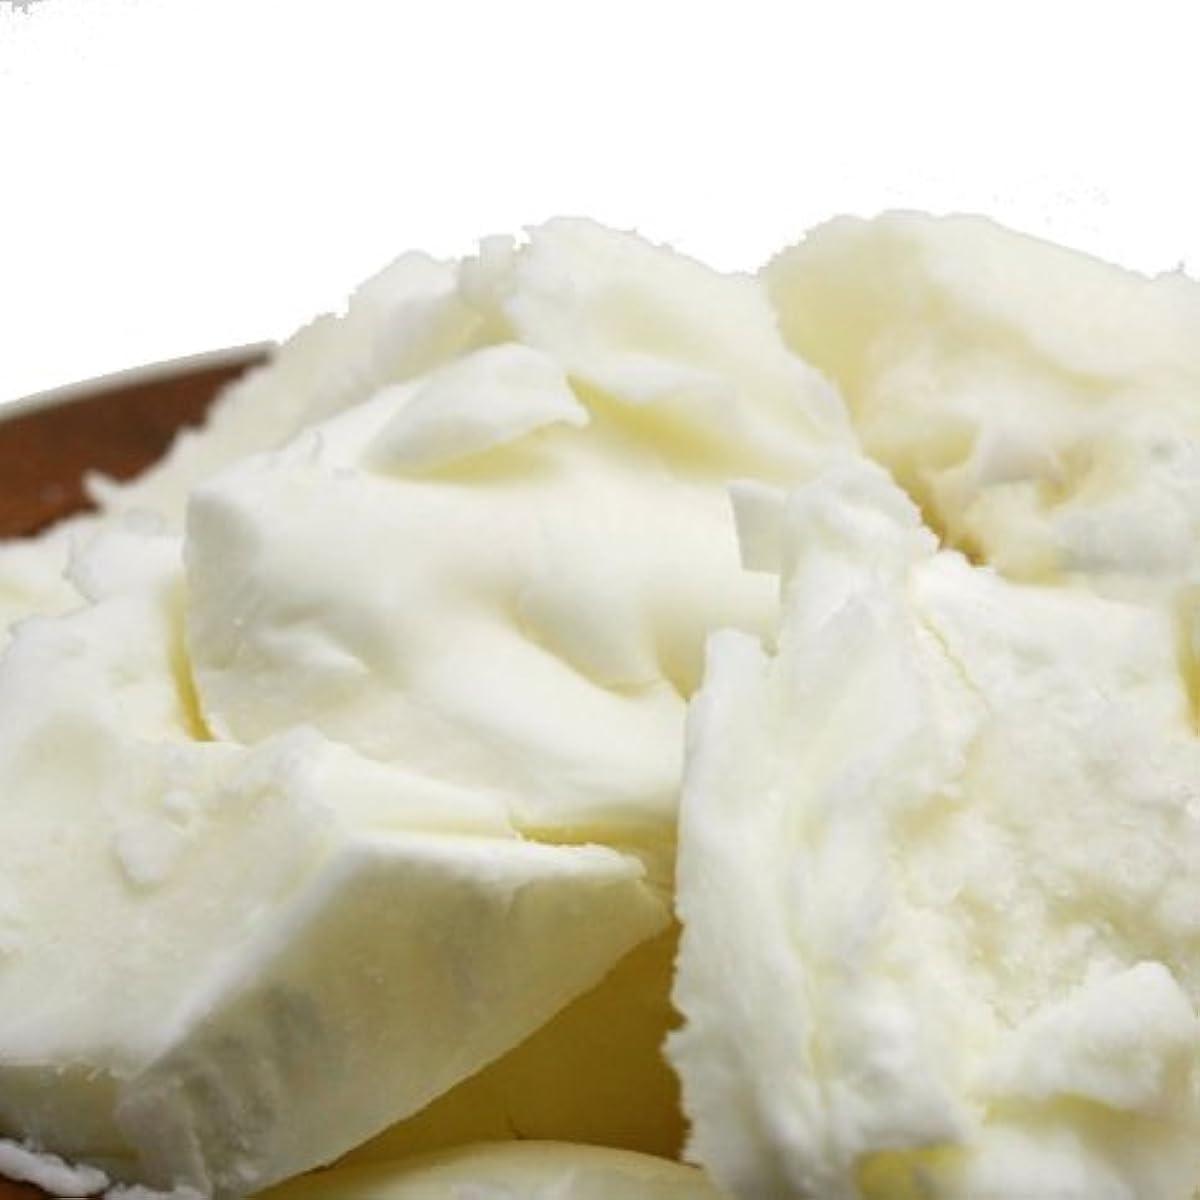 コンテスト説得力のある誕生精製シアバター 100g シア脂 【手作り石鹸/手作りコスメ/手作り化粧品】